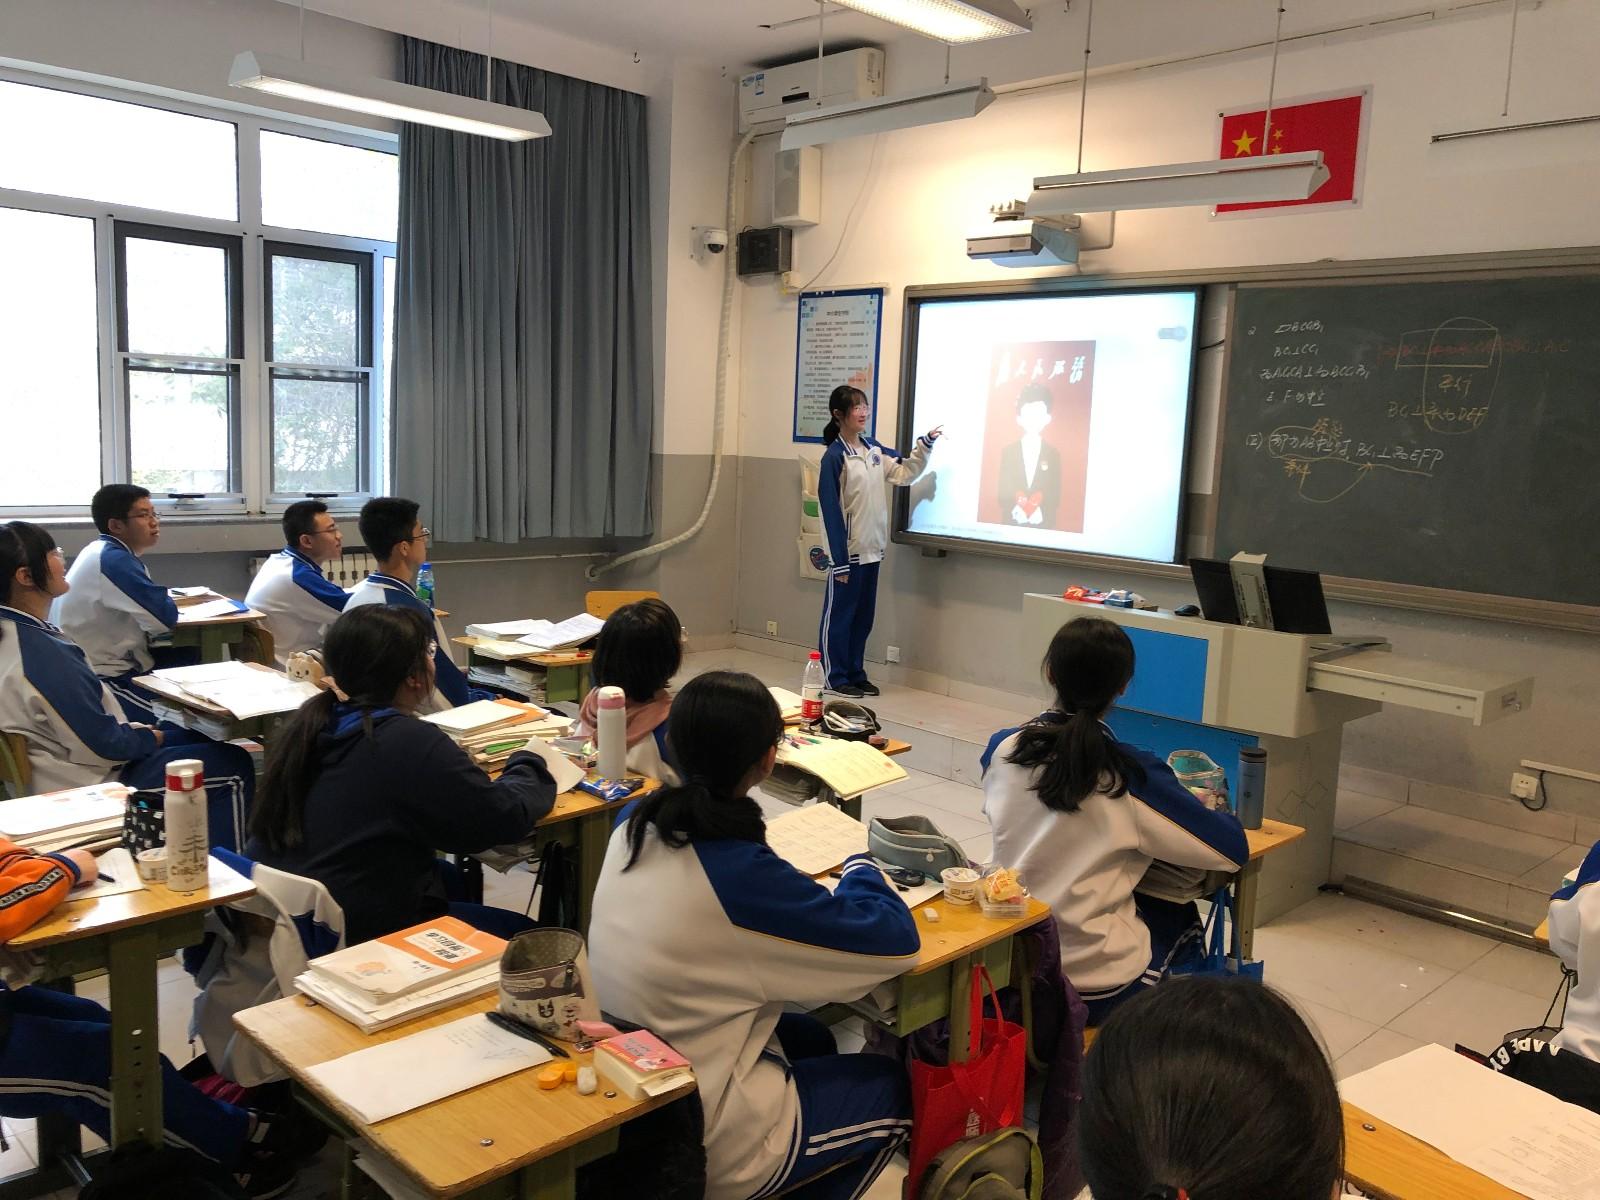 周一晨检时间由班长组织学生阅读文章.jpg